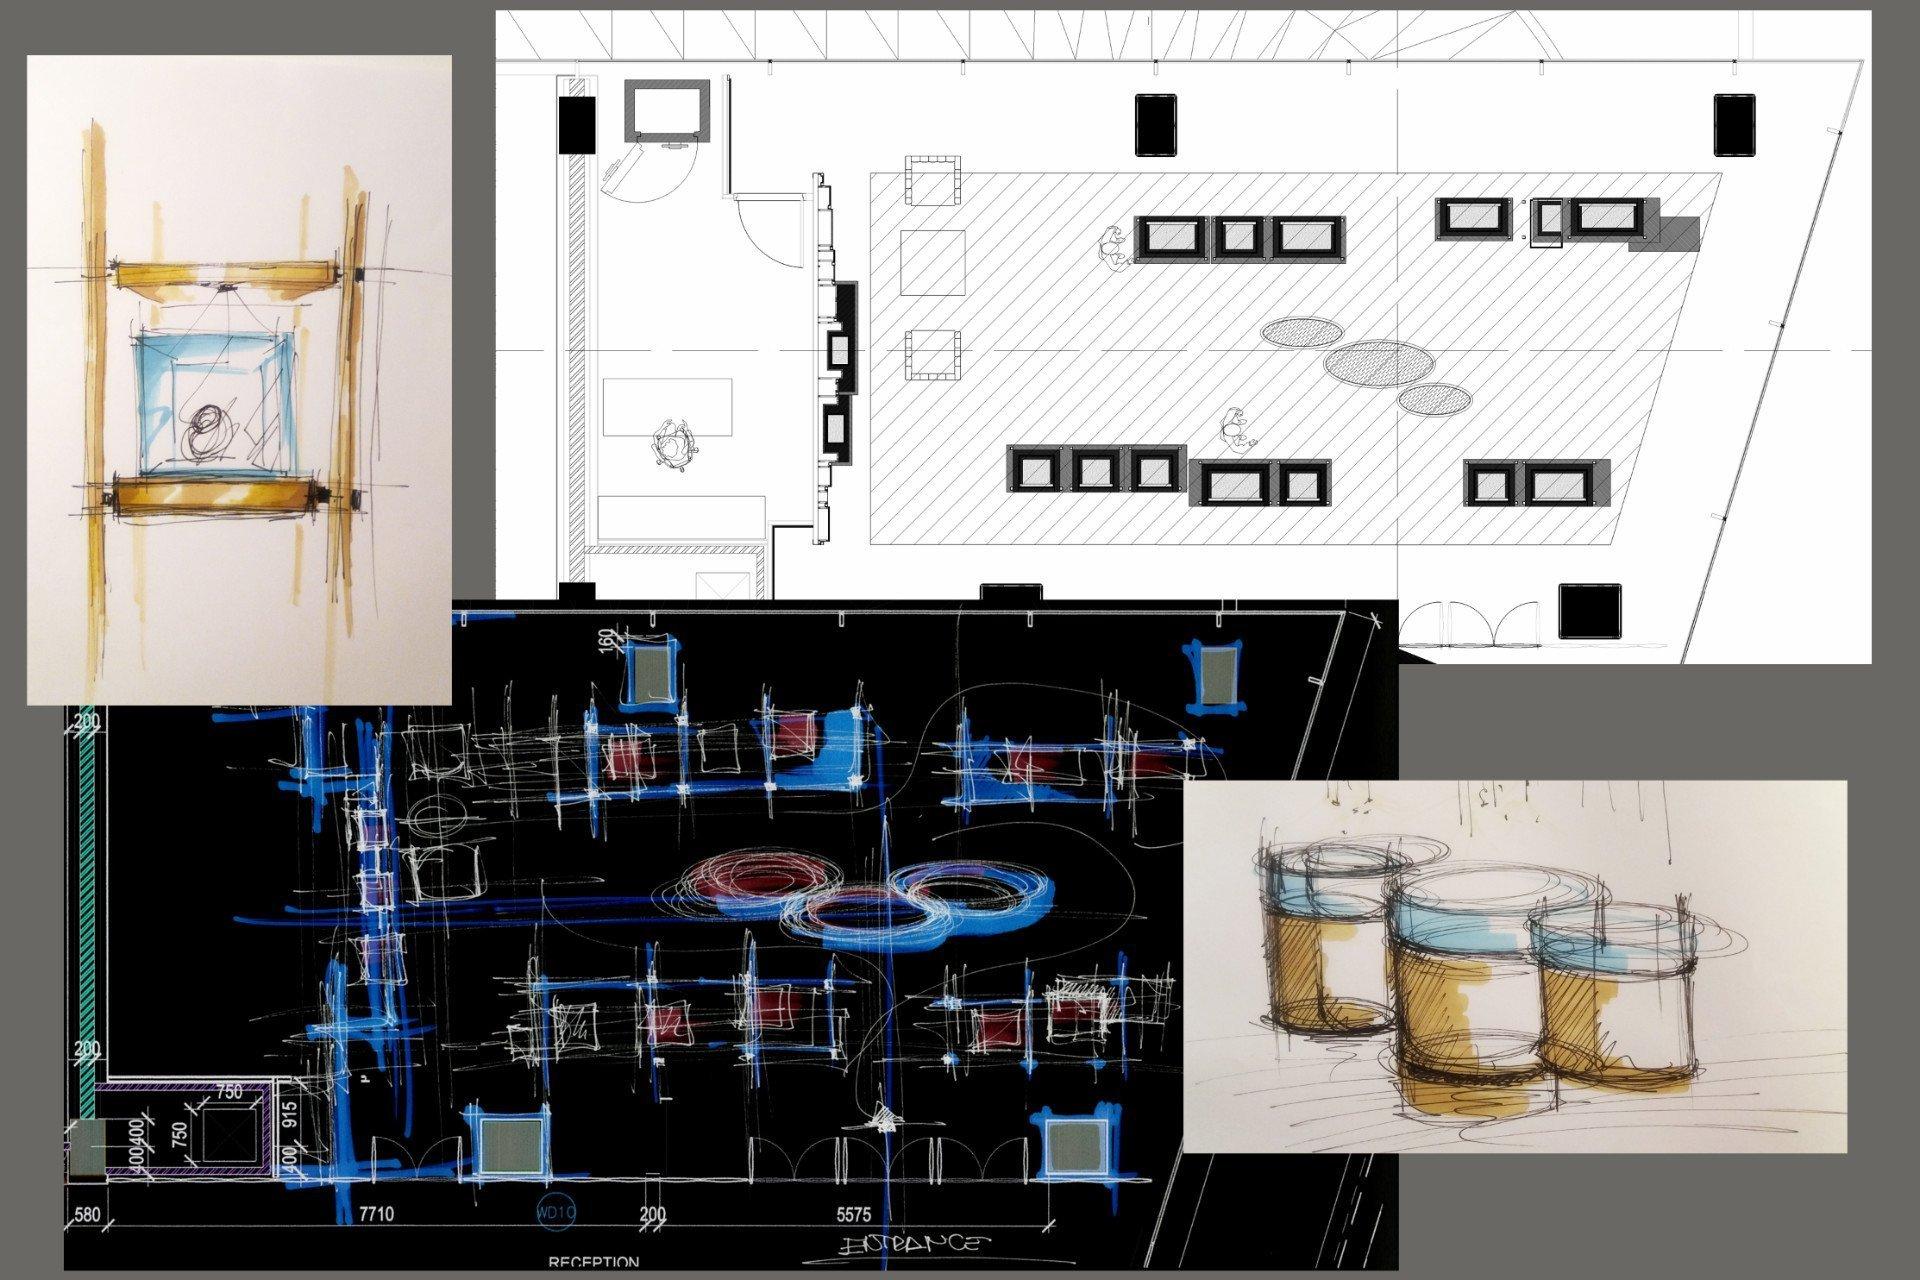 Exibithion space - proposals.